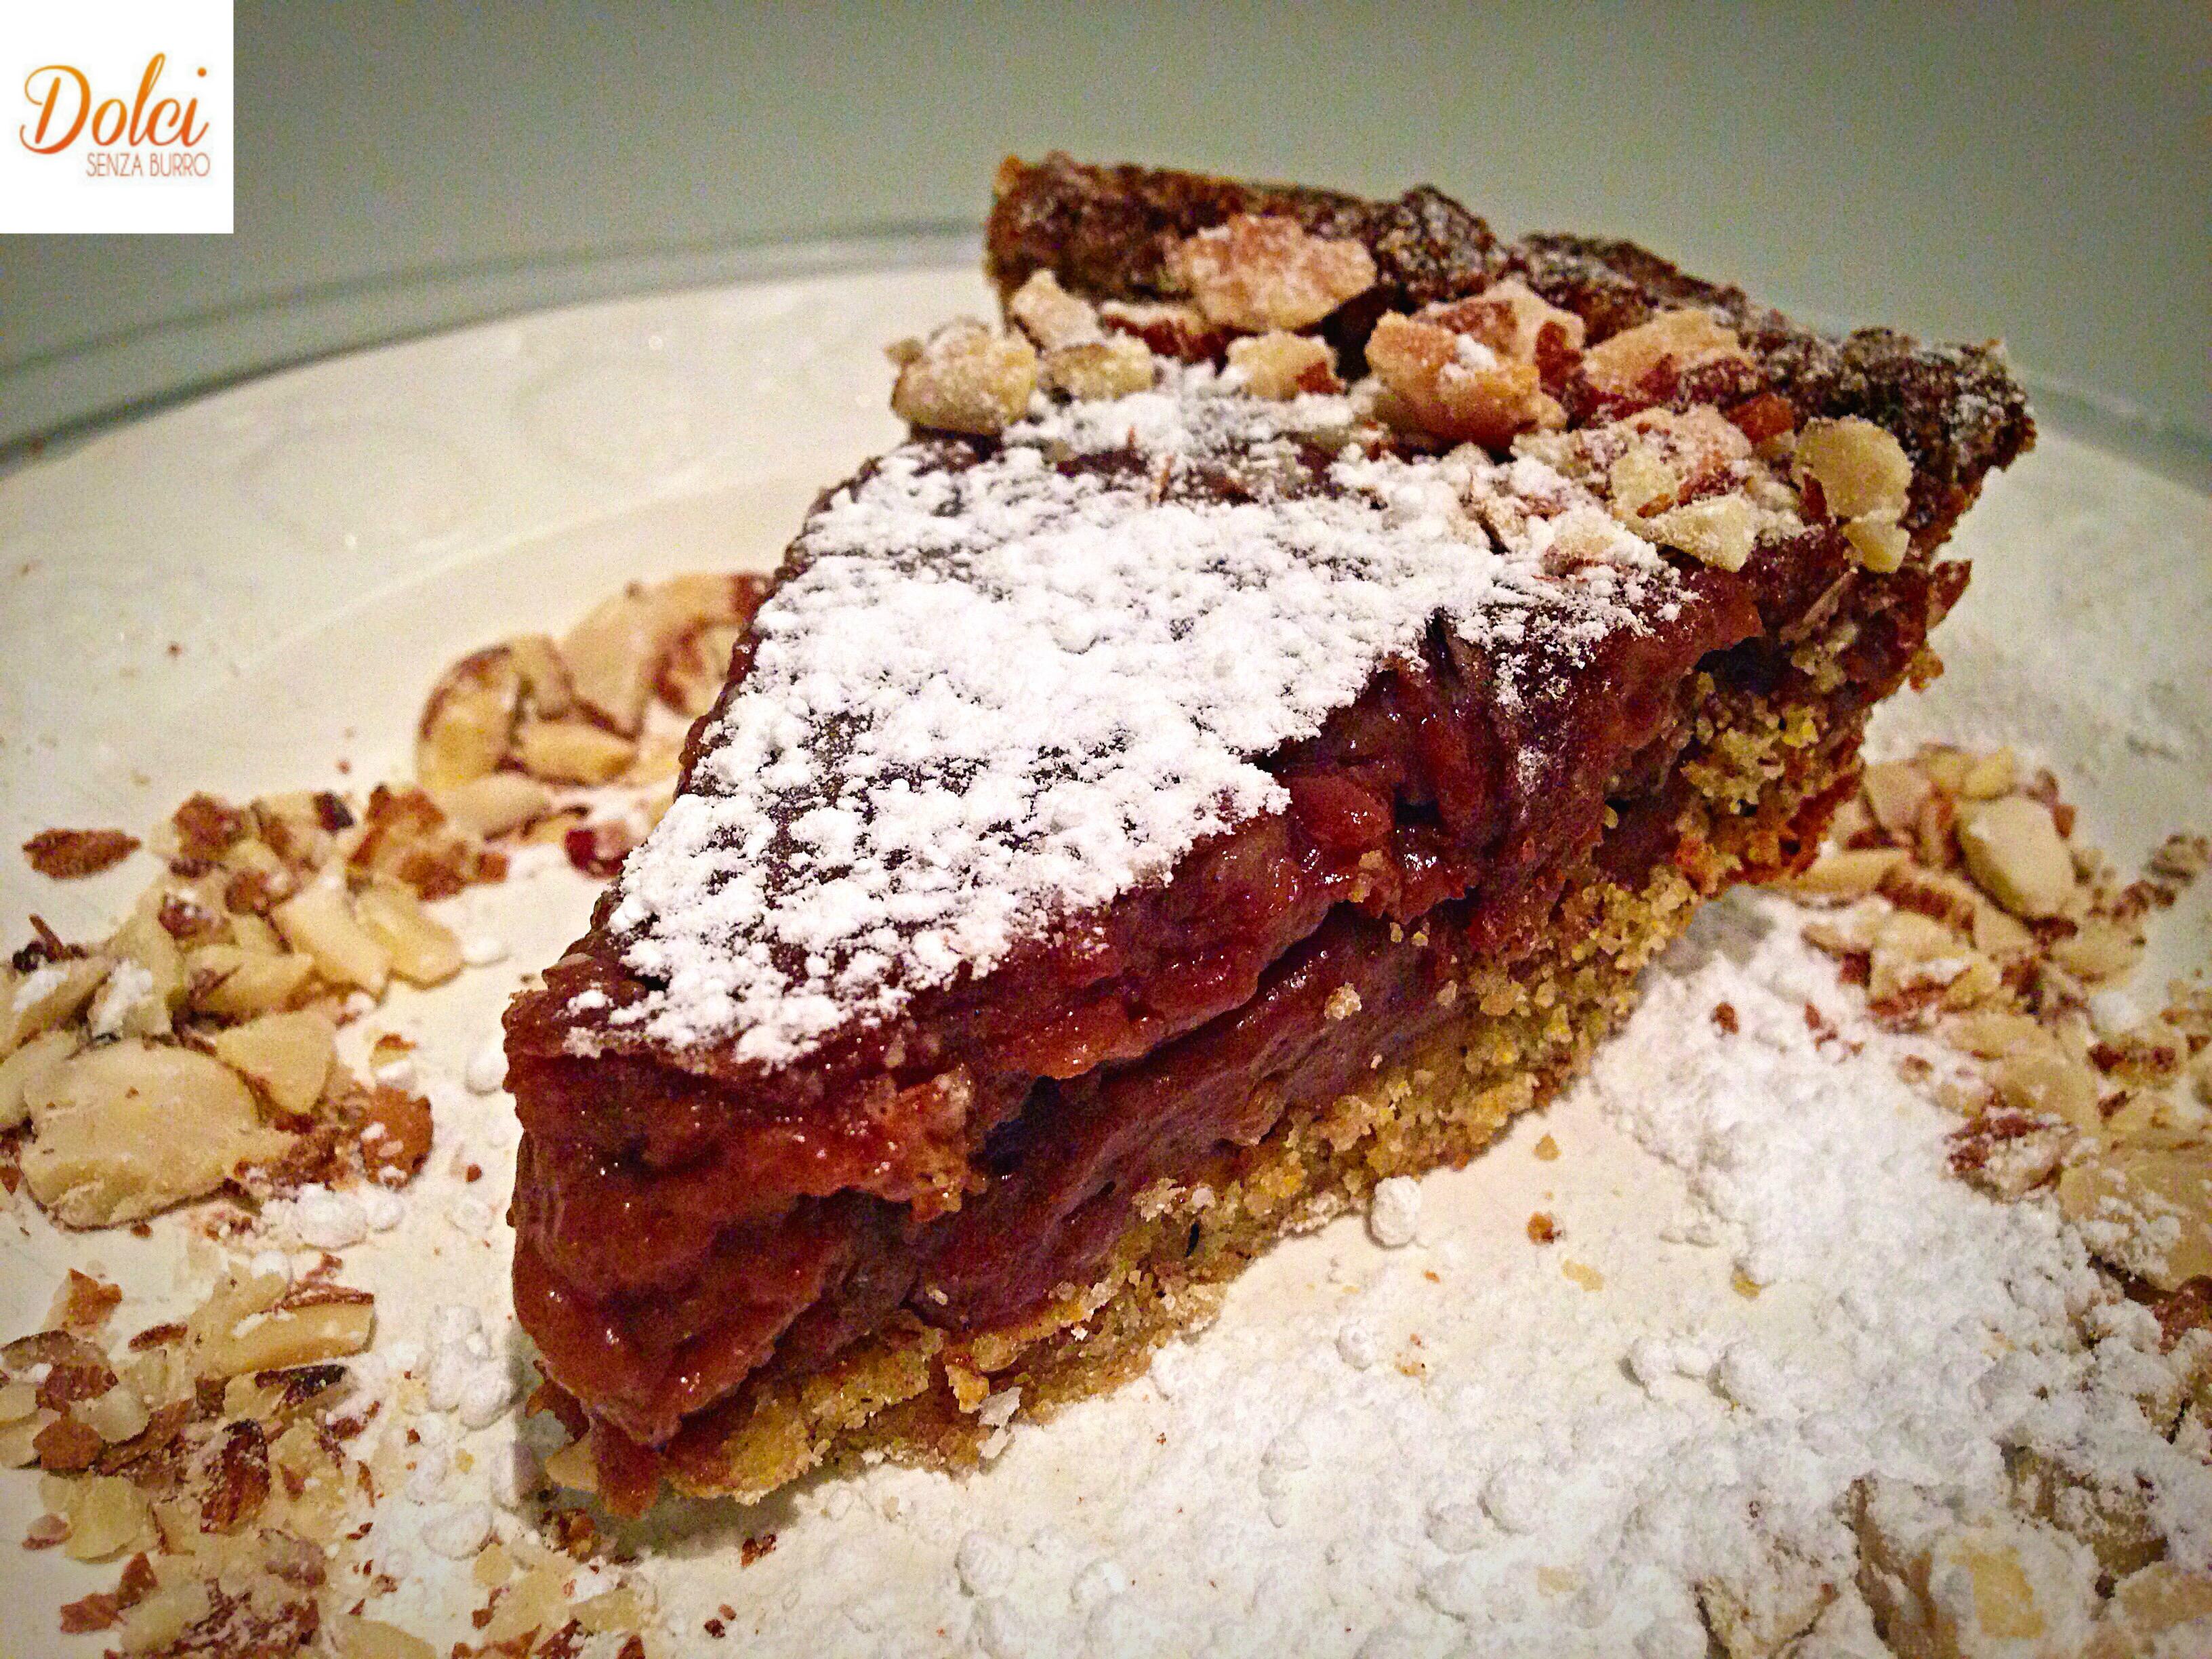 Crostata alla Crema di Carrube Senza Burro, un dolce goloso e originale di dolci senza burro